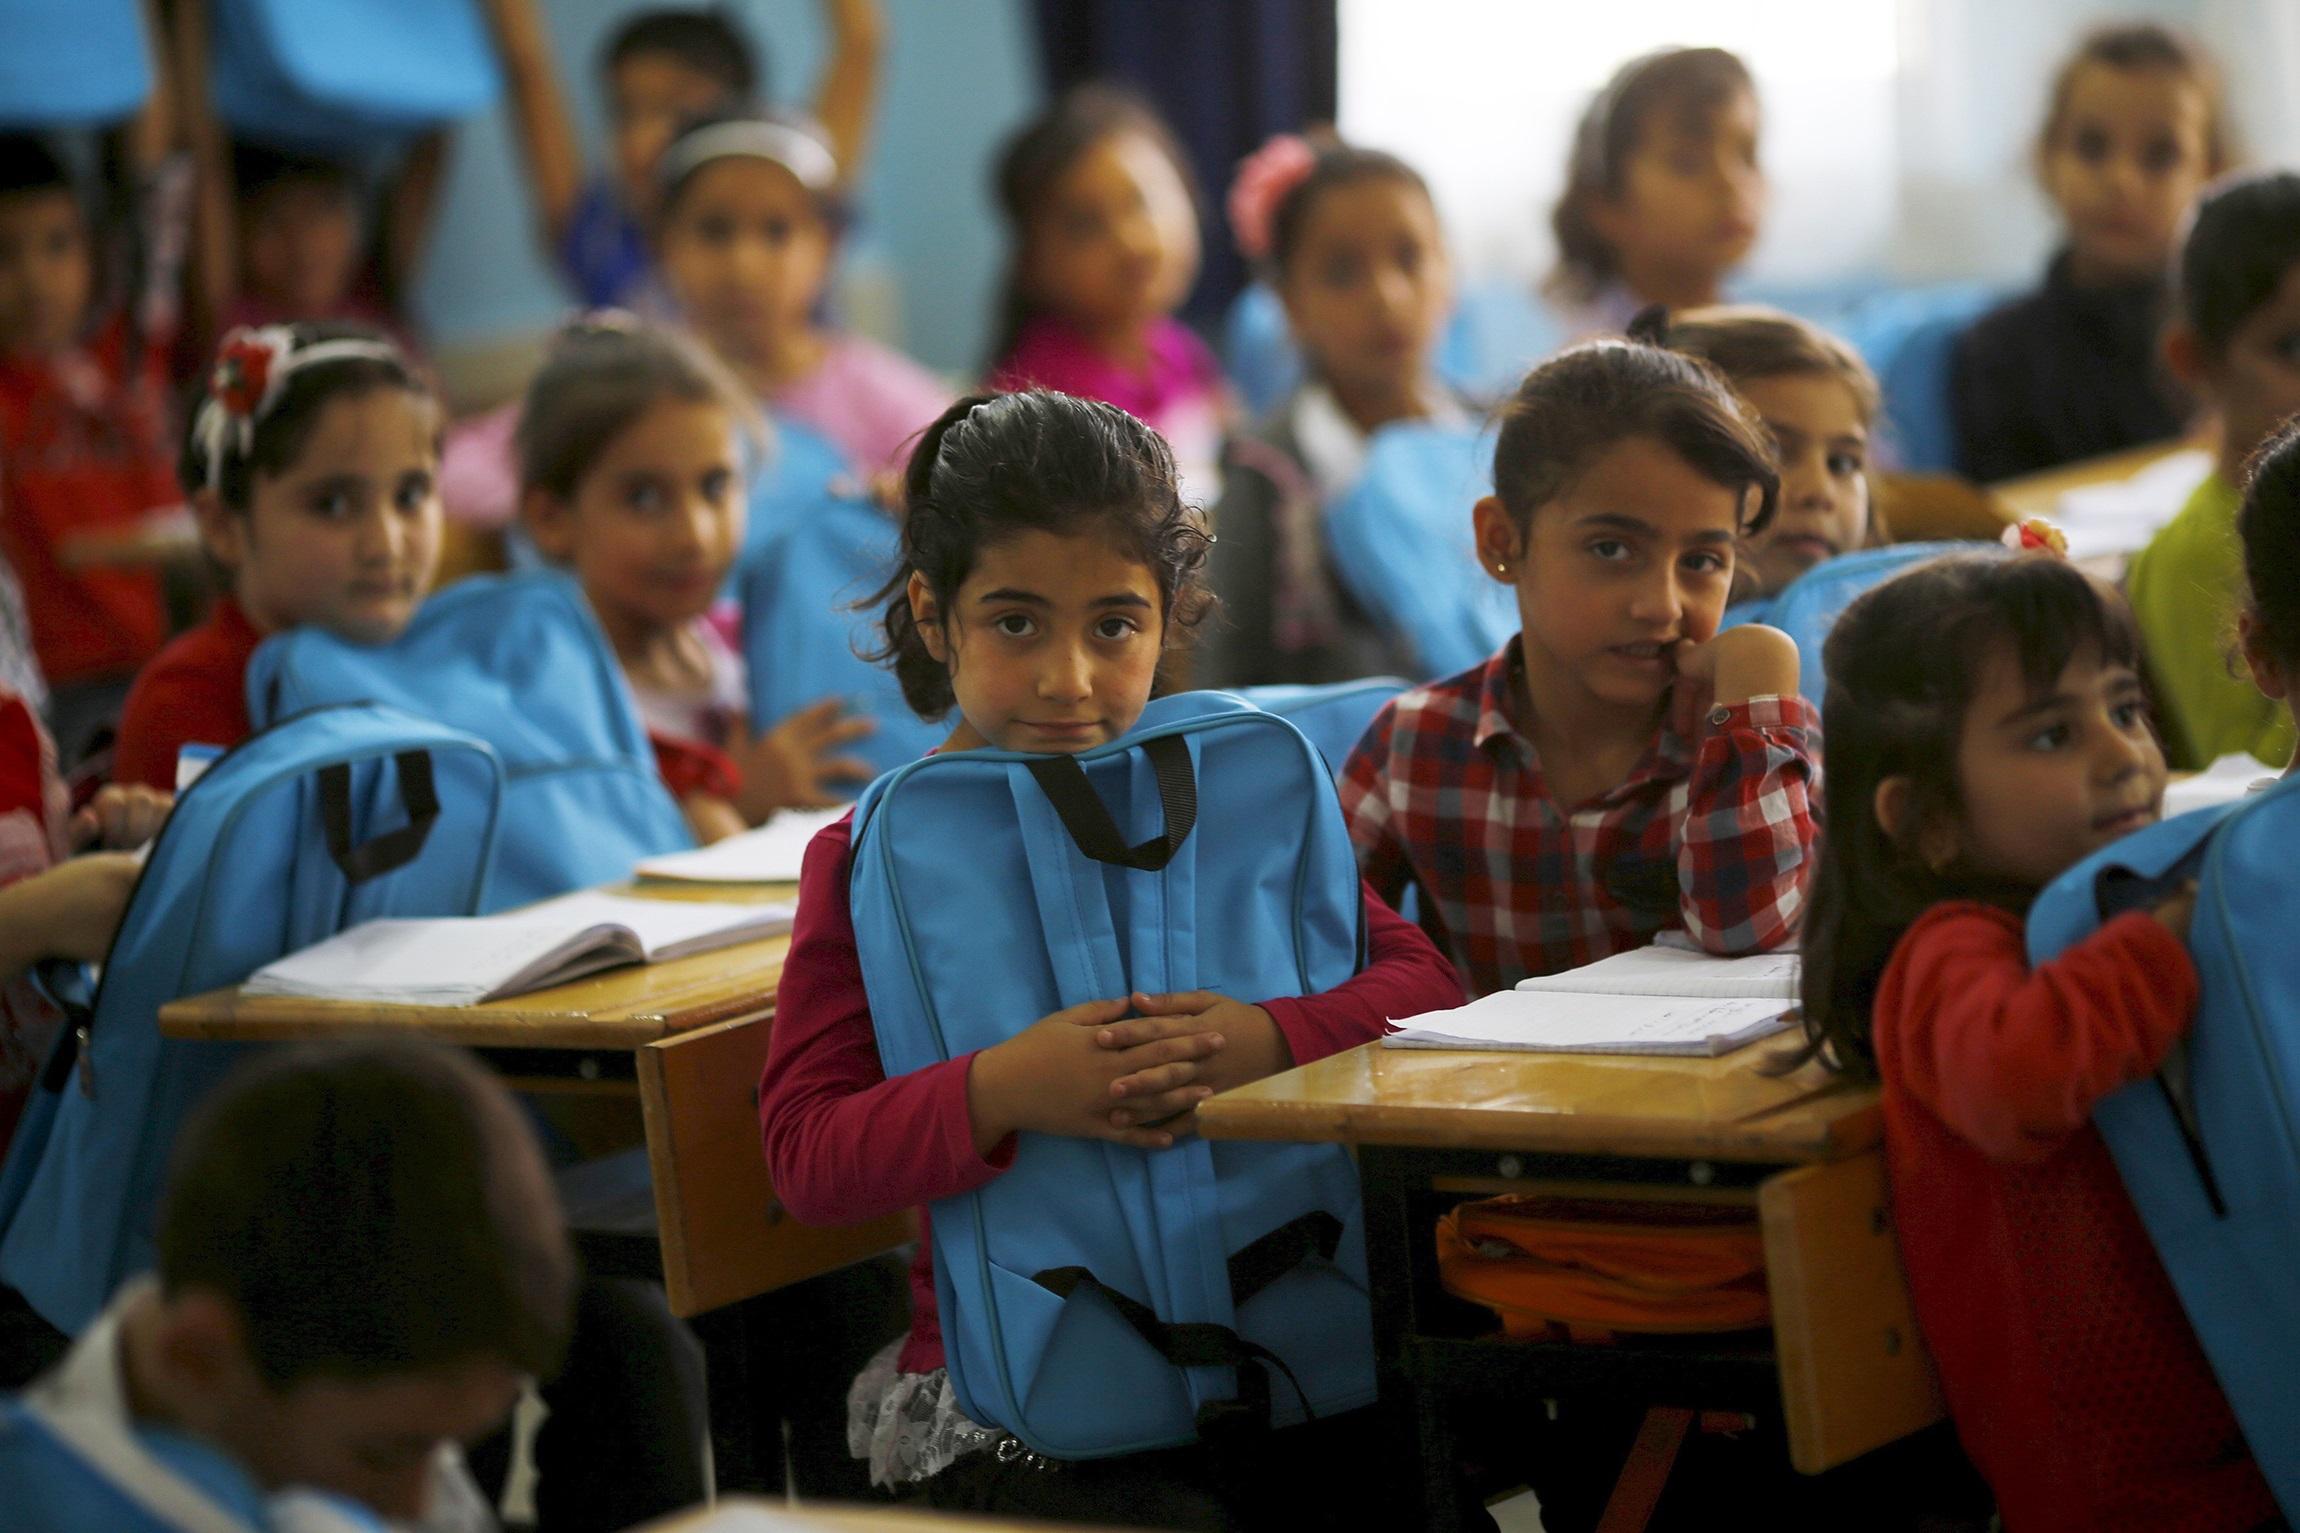 Κατάρτιση στην Εκπαίδευση Προσφύγων